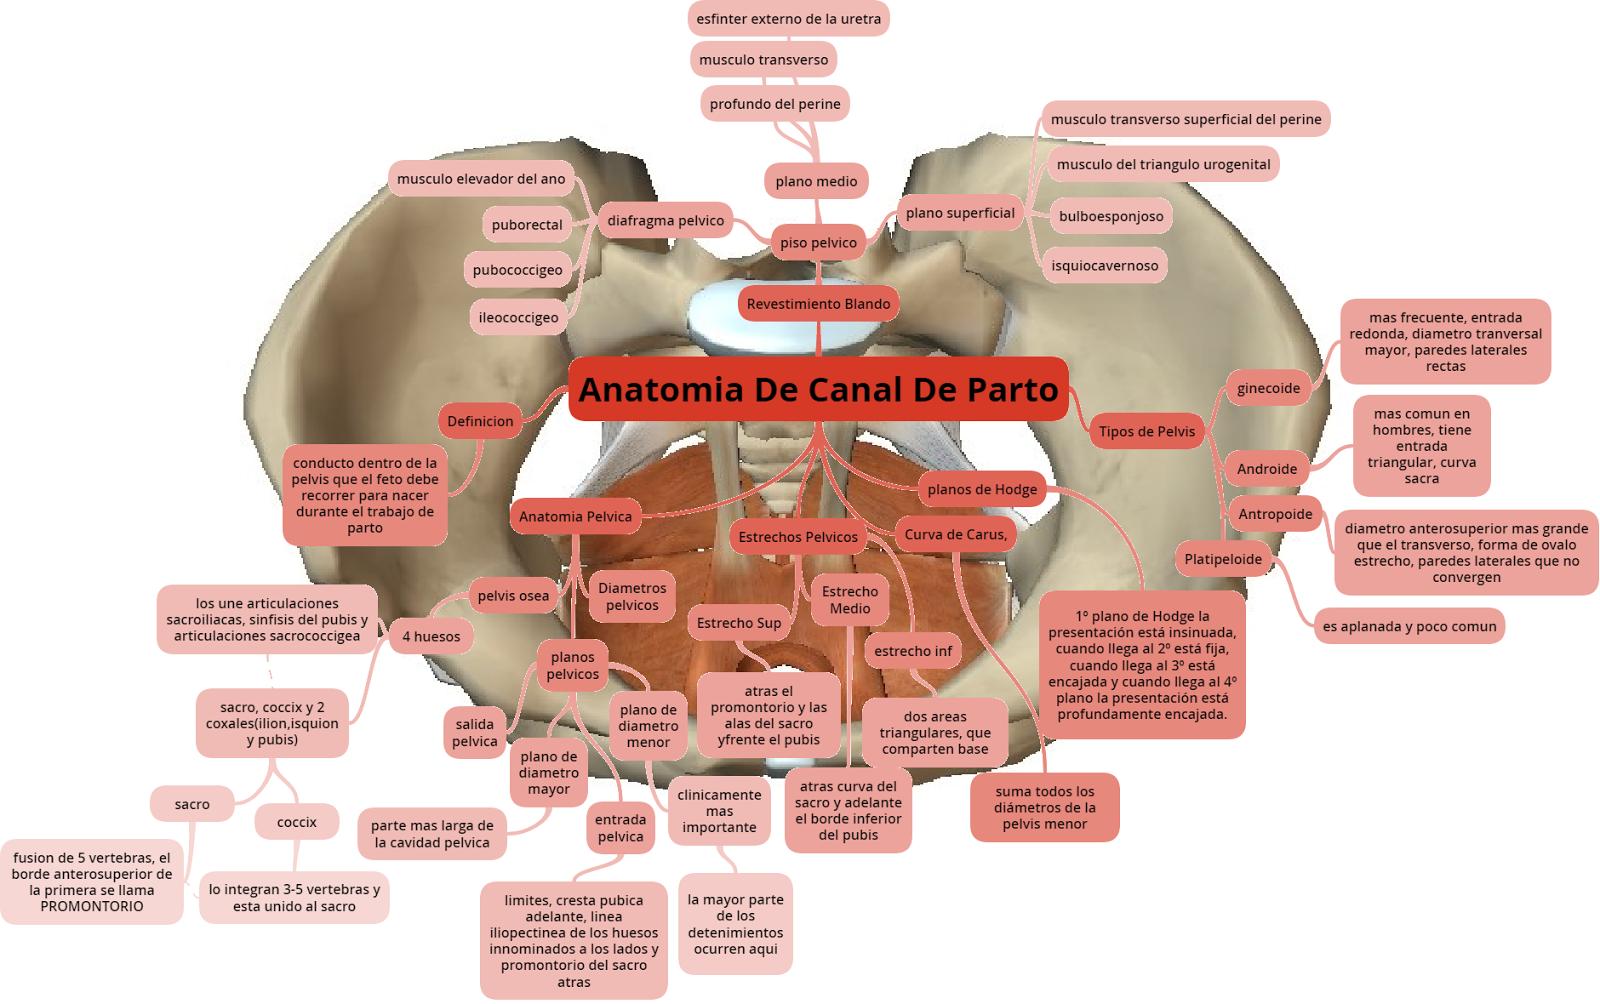 Anatomía De canal de parto. en este esquema se describe la anatomía ...